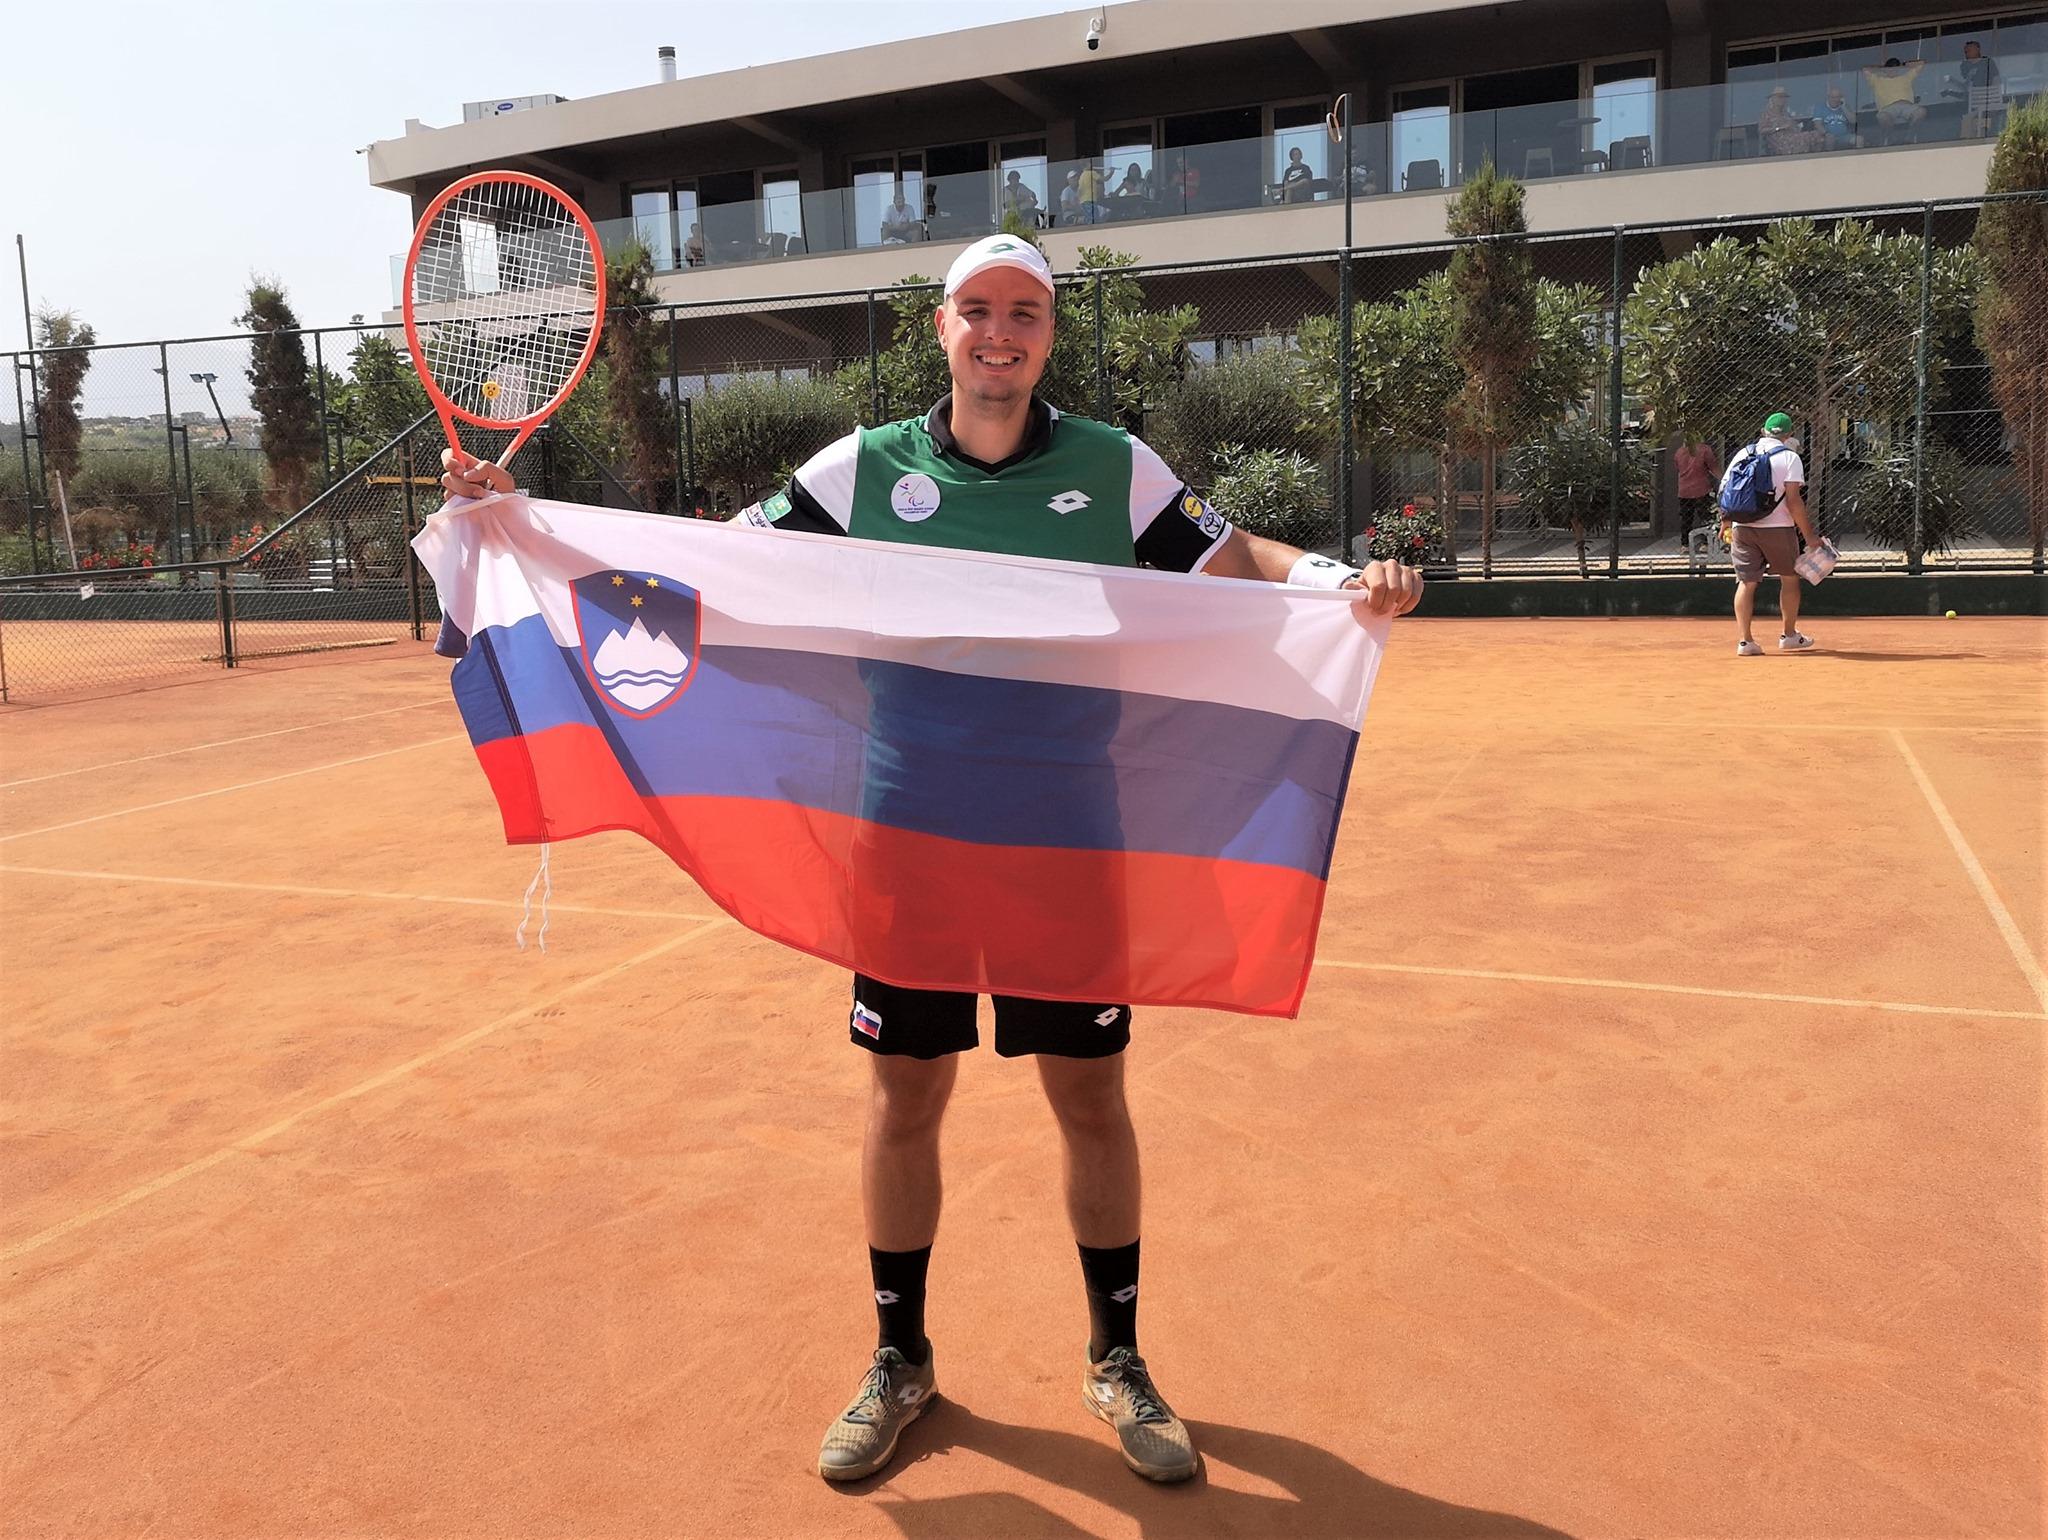 """204767475 460585484982423 1260217621573031439 n - Marino Kegl: """"Z igrami in uvrstitvijo na olimpijskih igrah se ne obremenjujem, pomembno je le, da bom igral svoj najboljši tenis"""""""